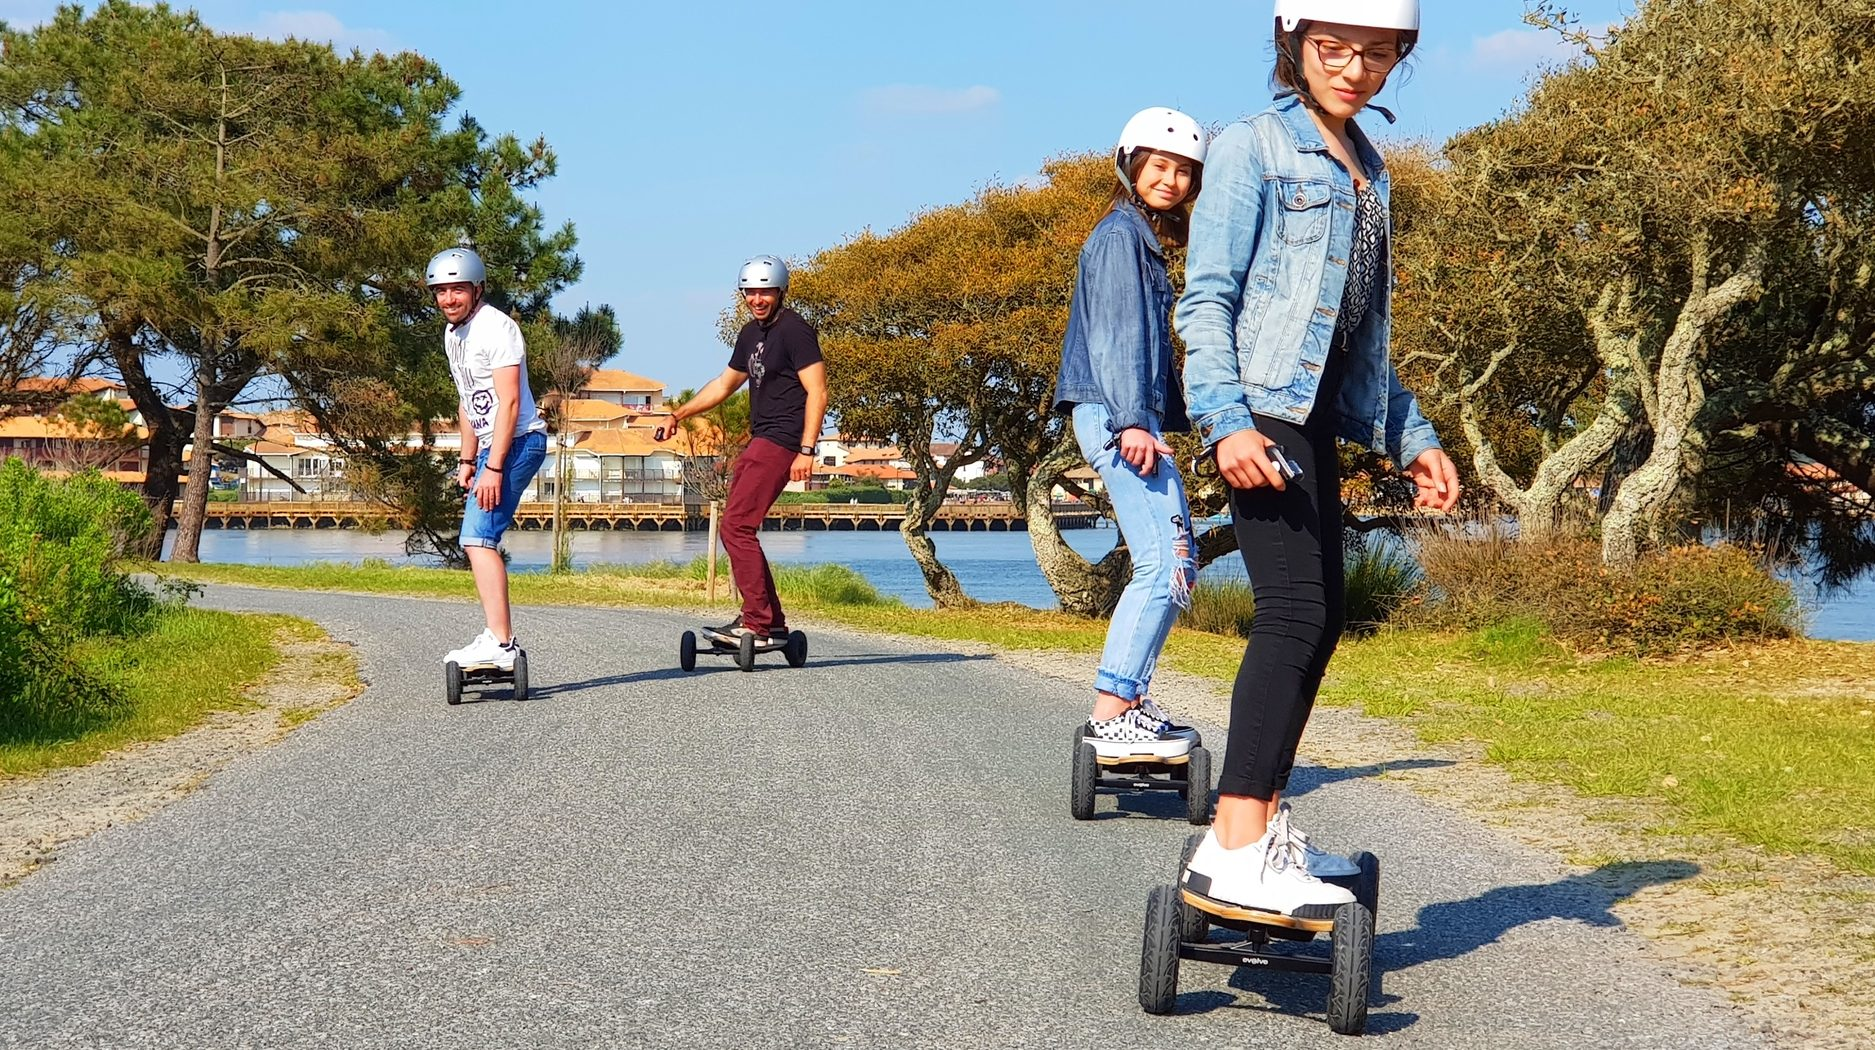 Skate électrique - image